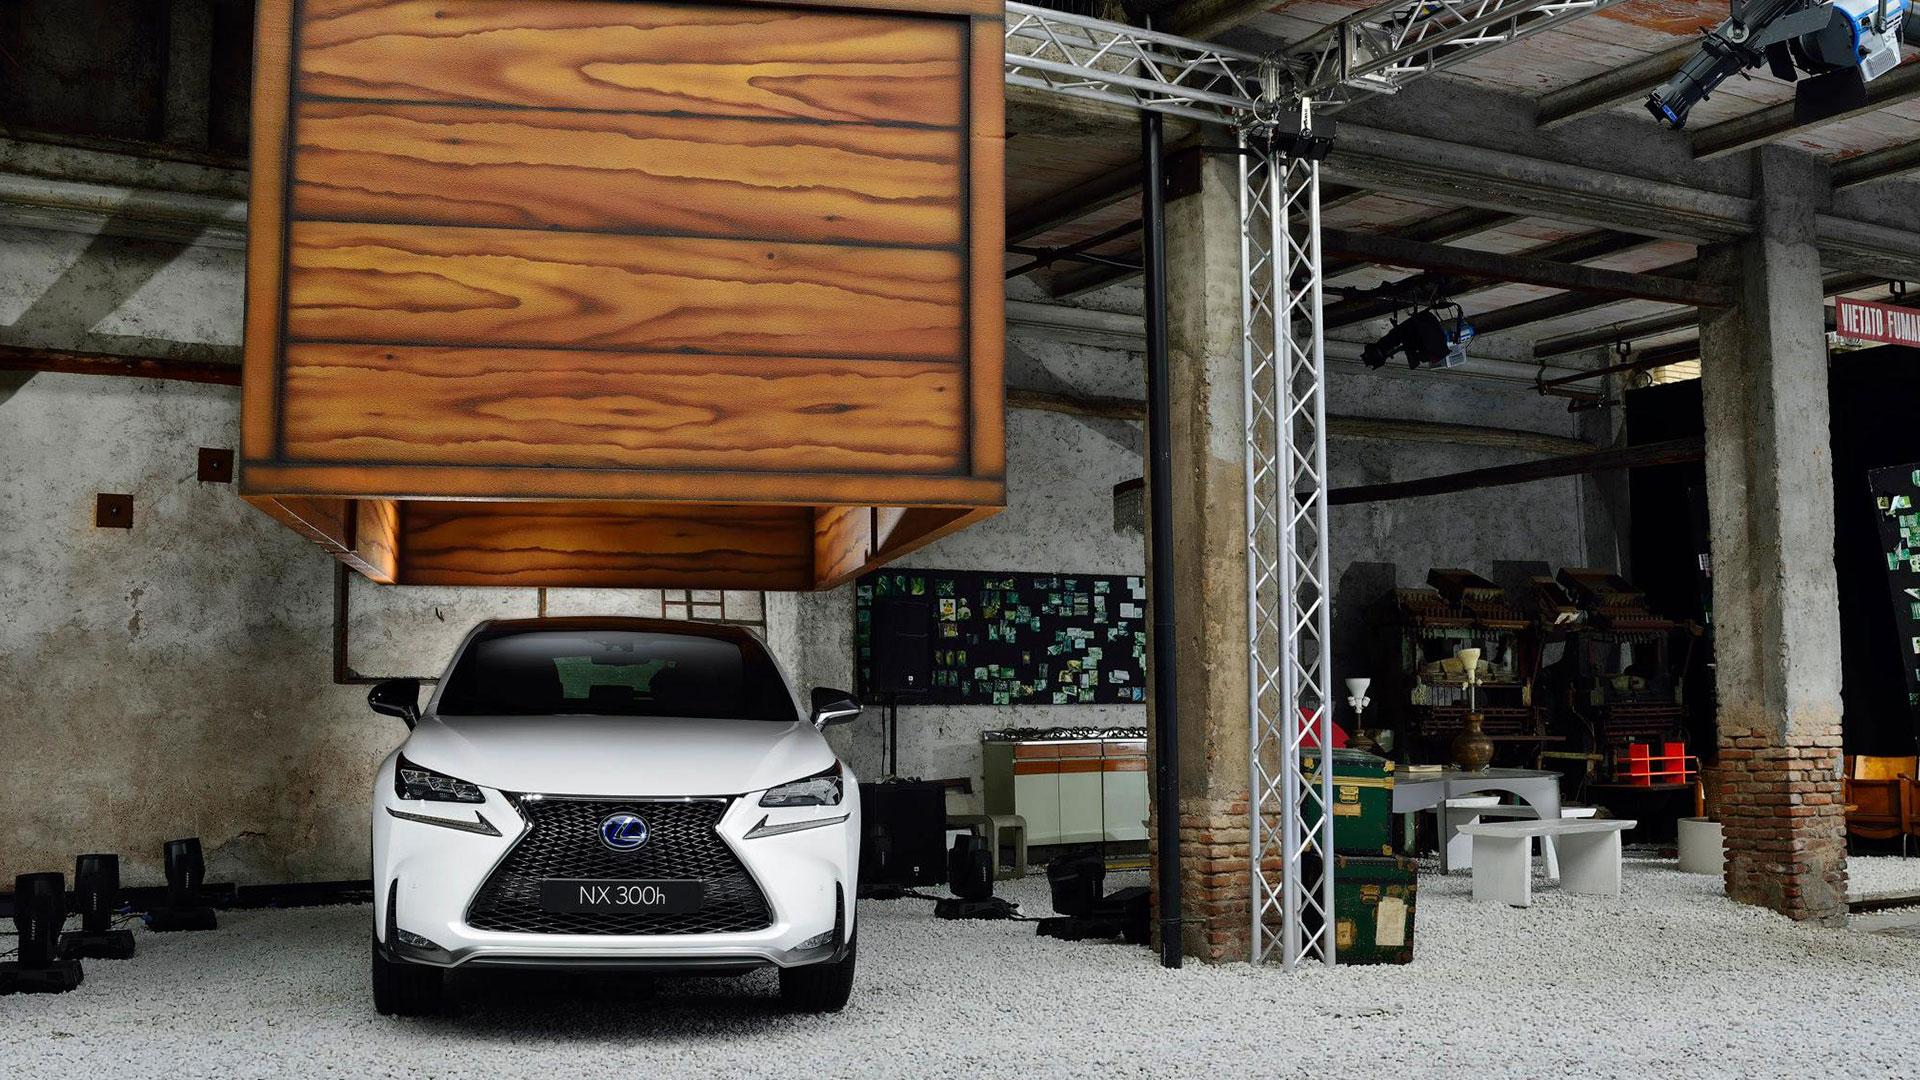 Top Gear spot NX 300h hero asset